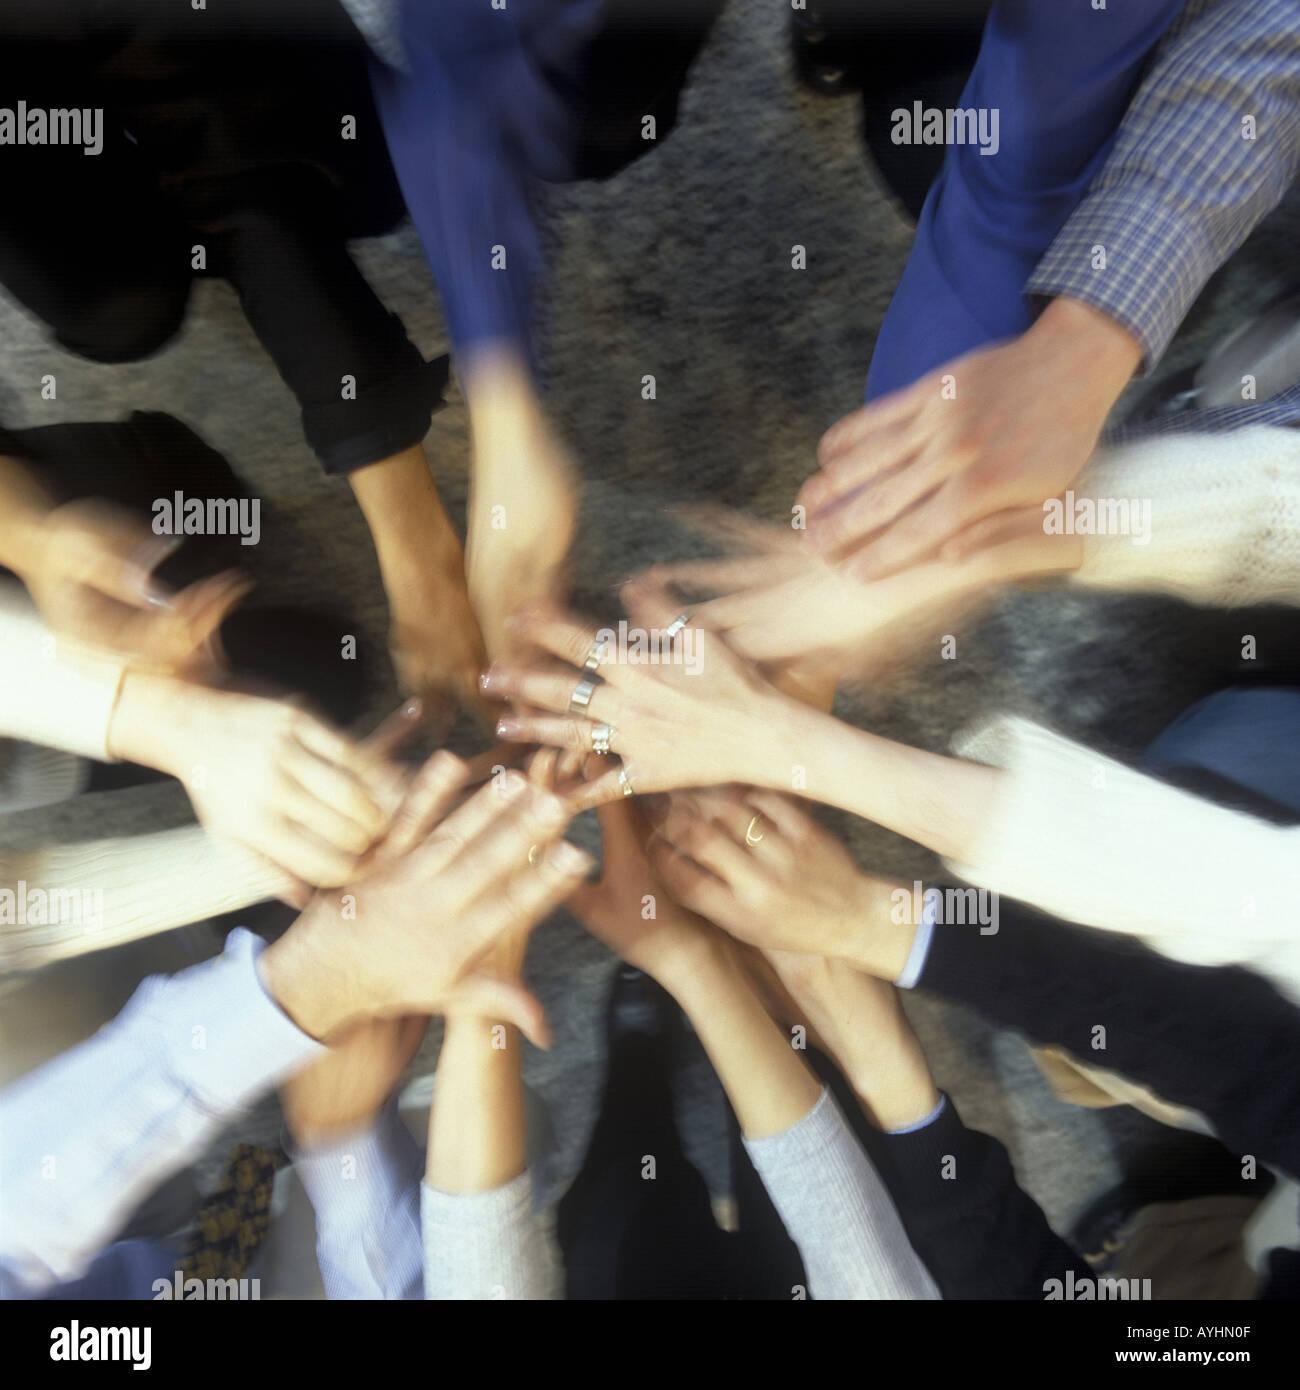 Menschen stehen im Kreis und strecken die Haende zur Mitte - Stock Image